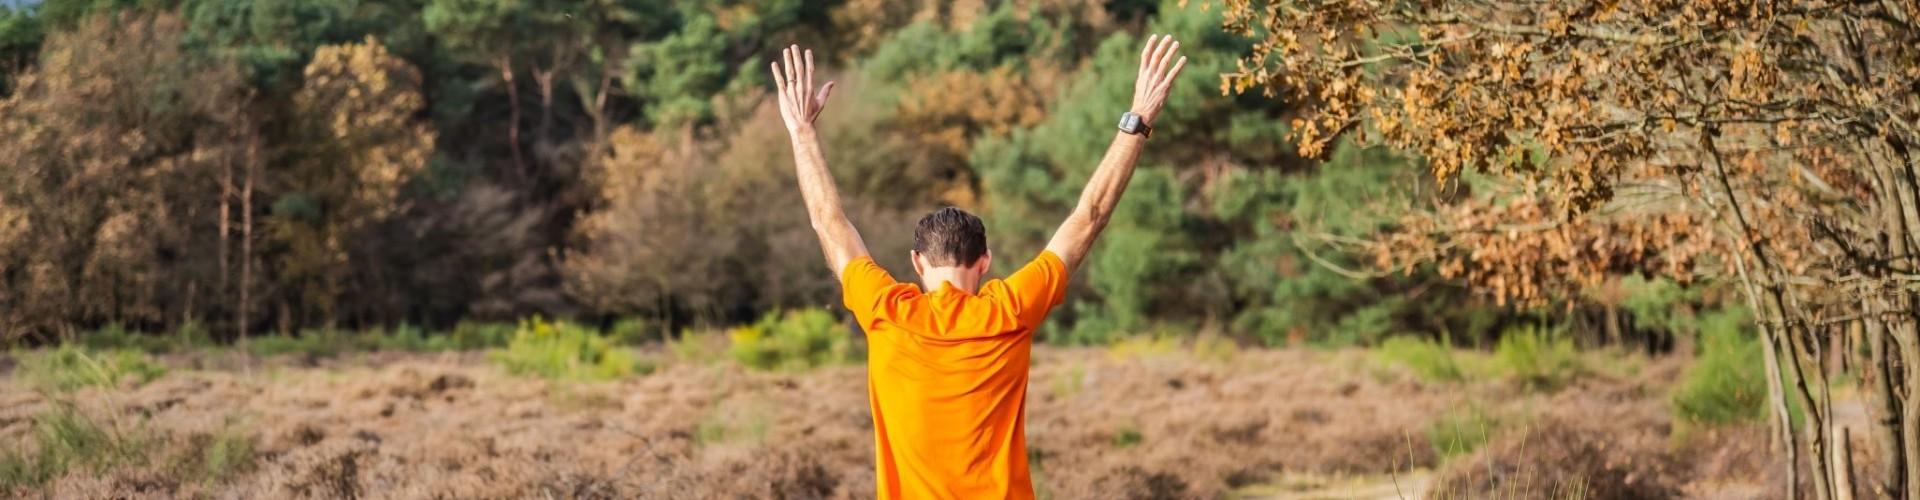 effectief-trainen-wielrennen-hardlopen